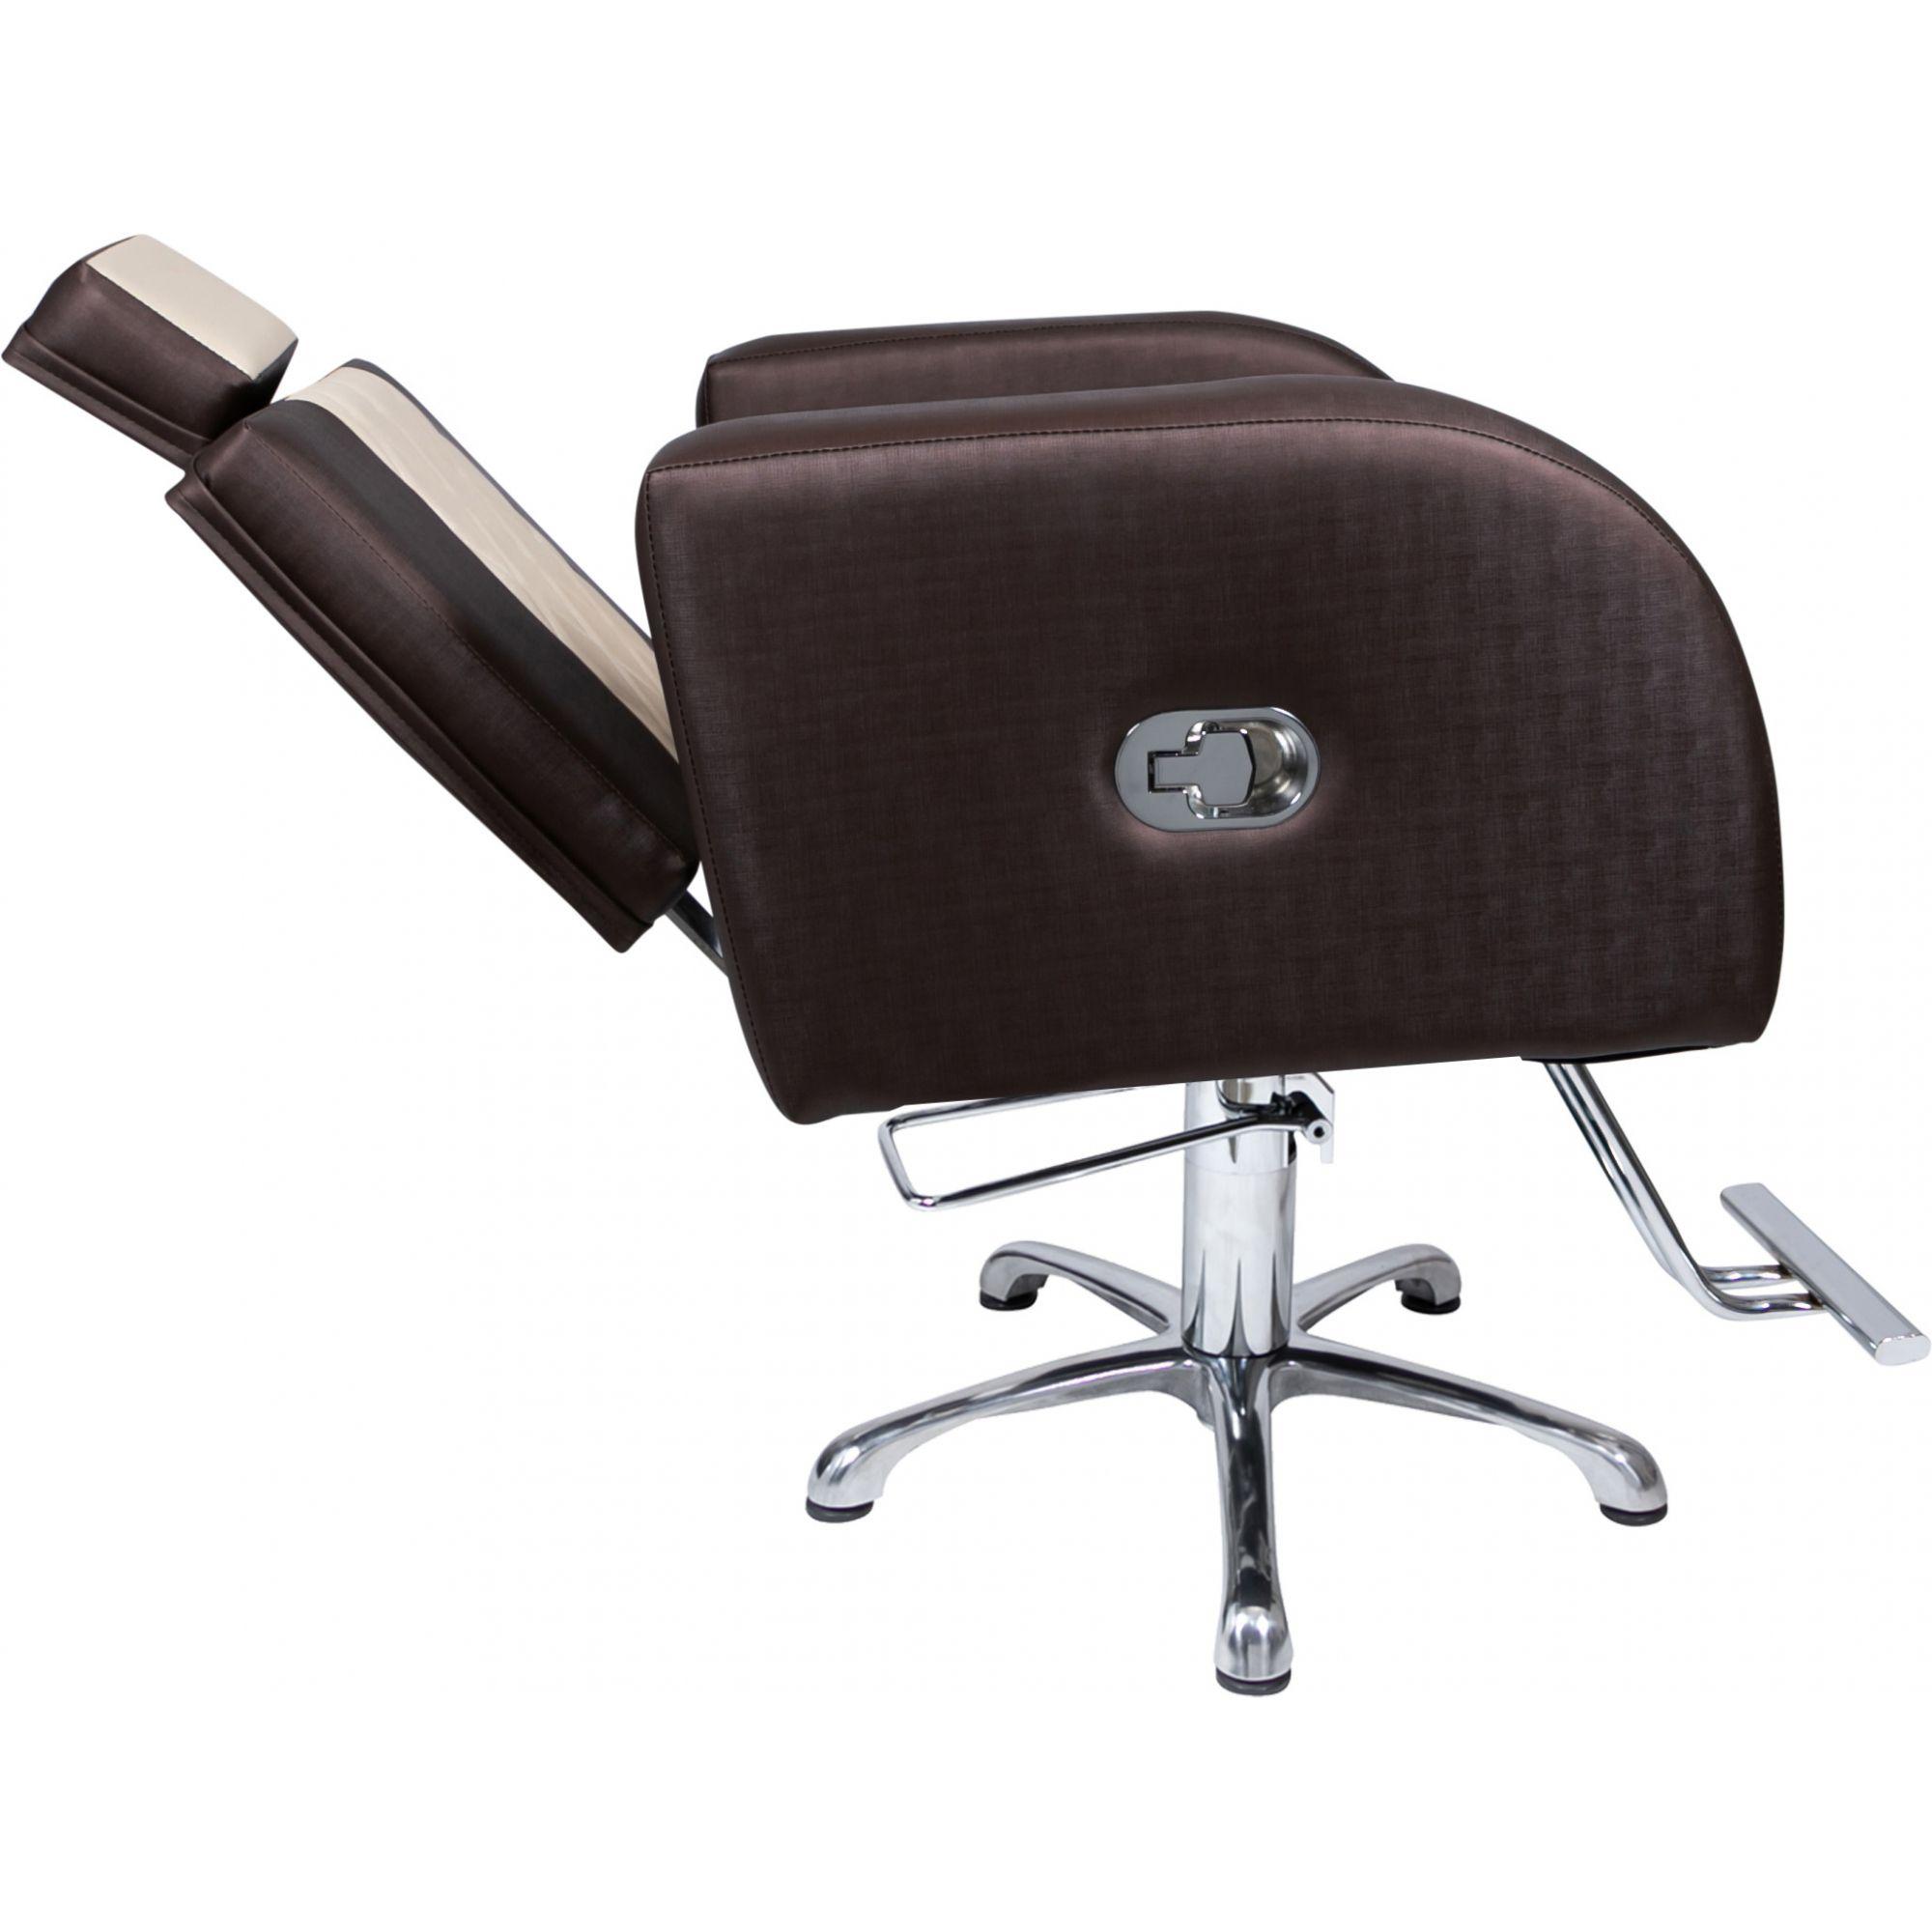 Lavatório Stilo Louça Bege/Marrom +1 Cadeira Fixa +1 Cadeira Recl. Stilo